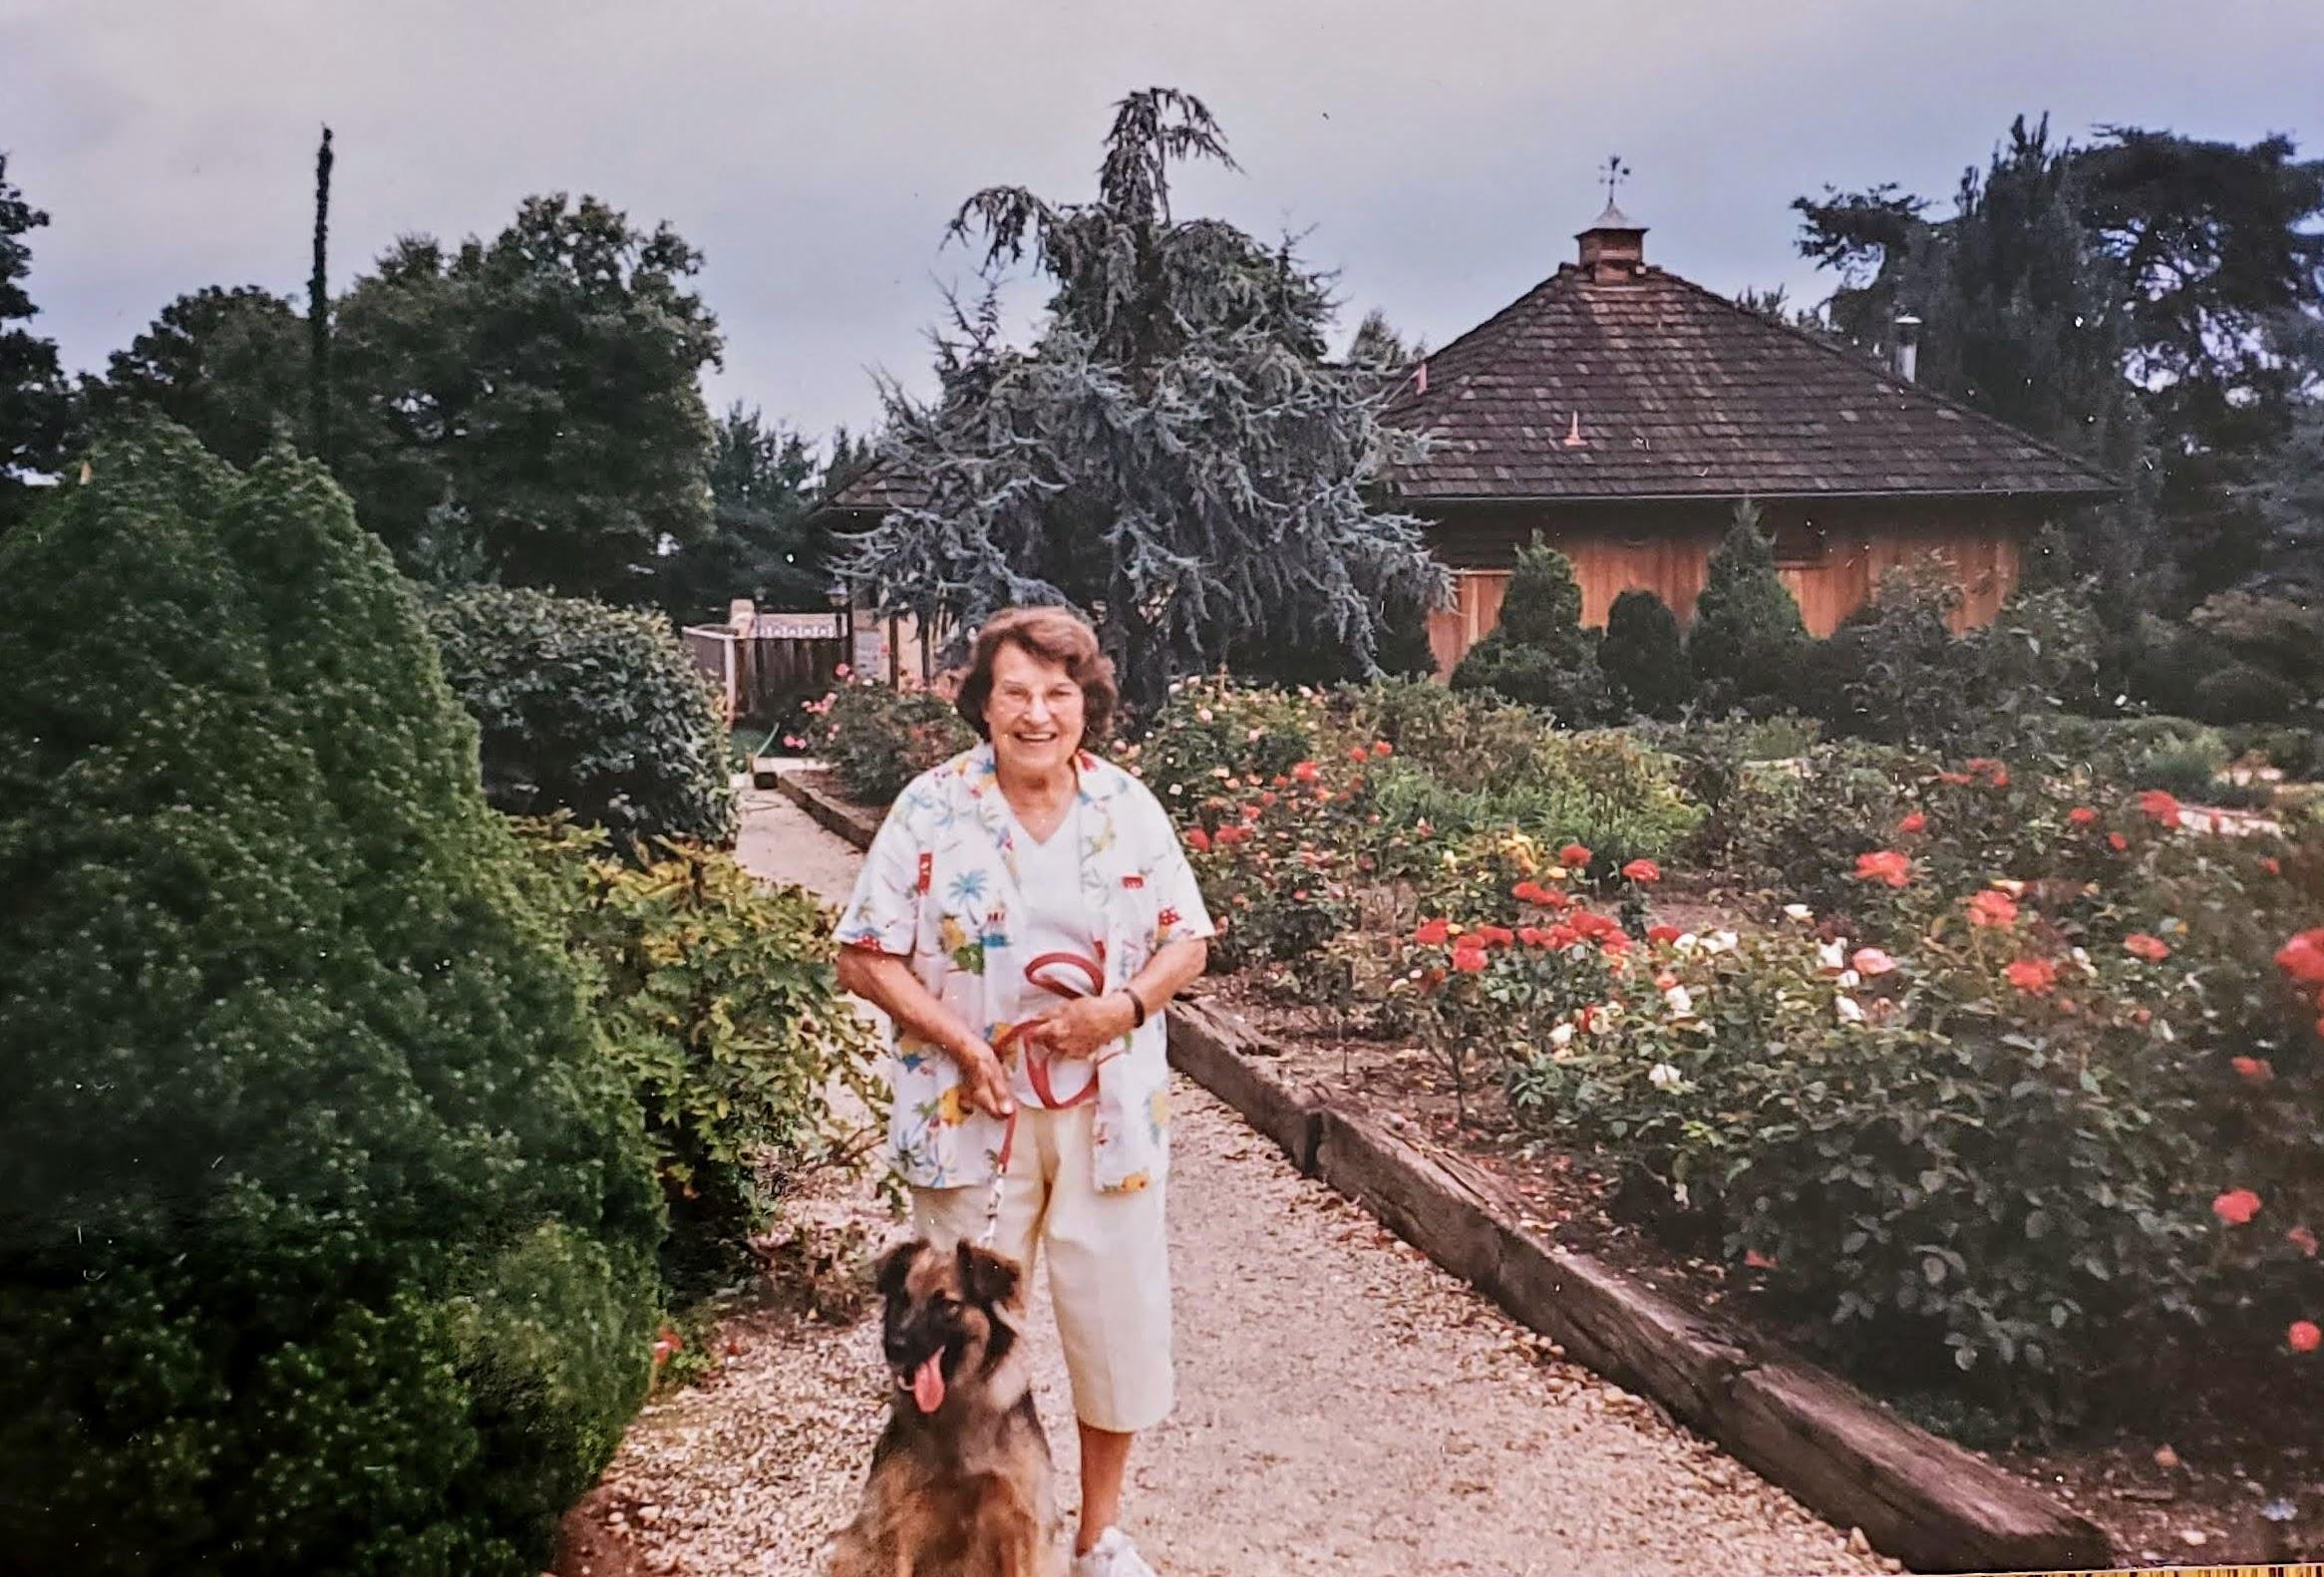 Rose Behnke The Happy Wanderer